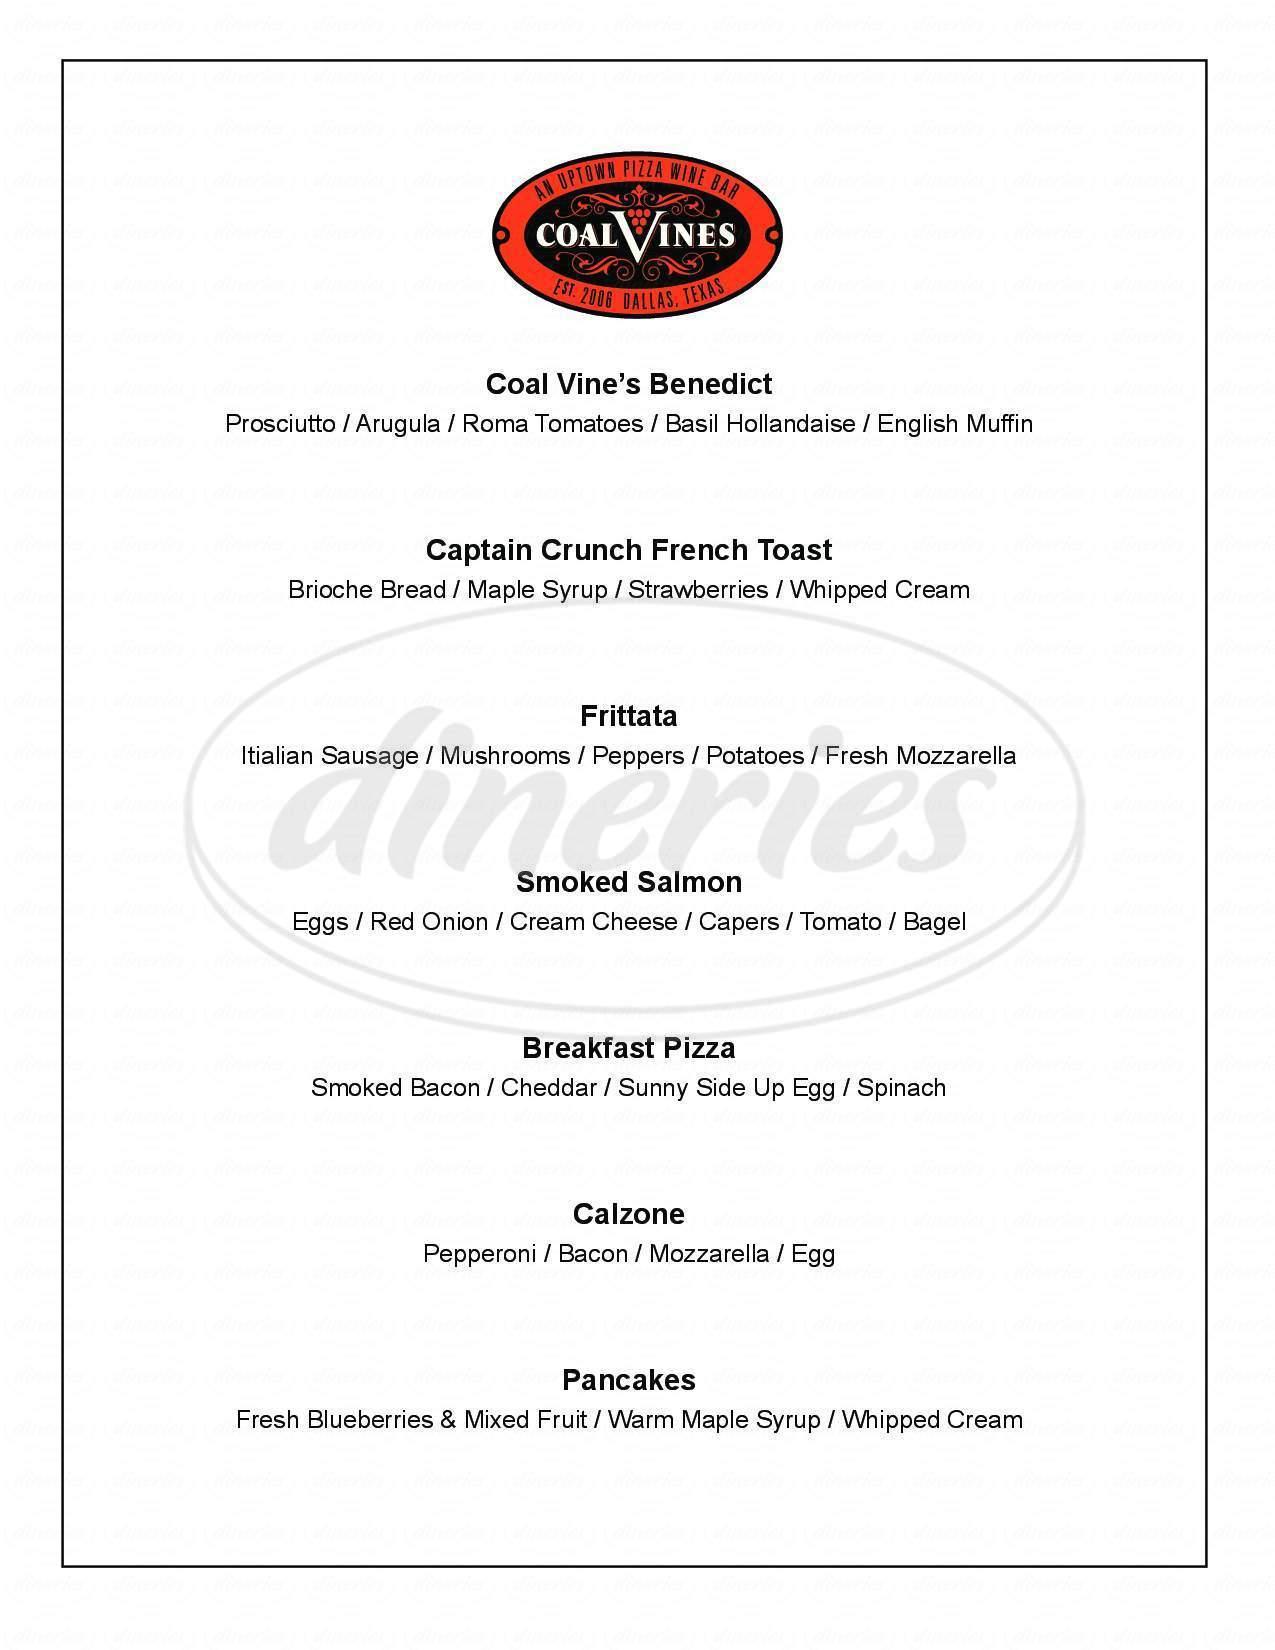 menu for Coal Vines